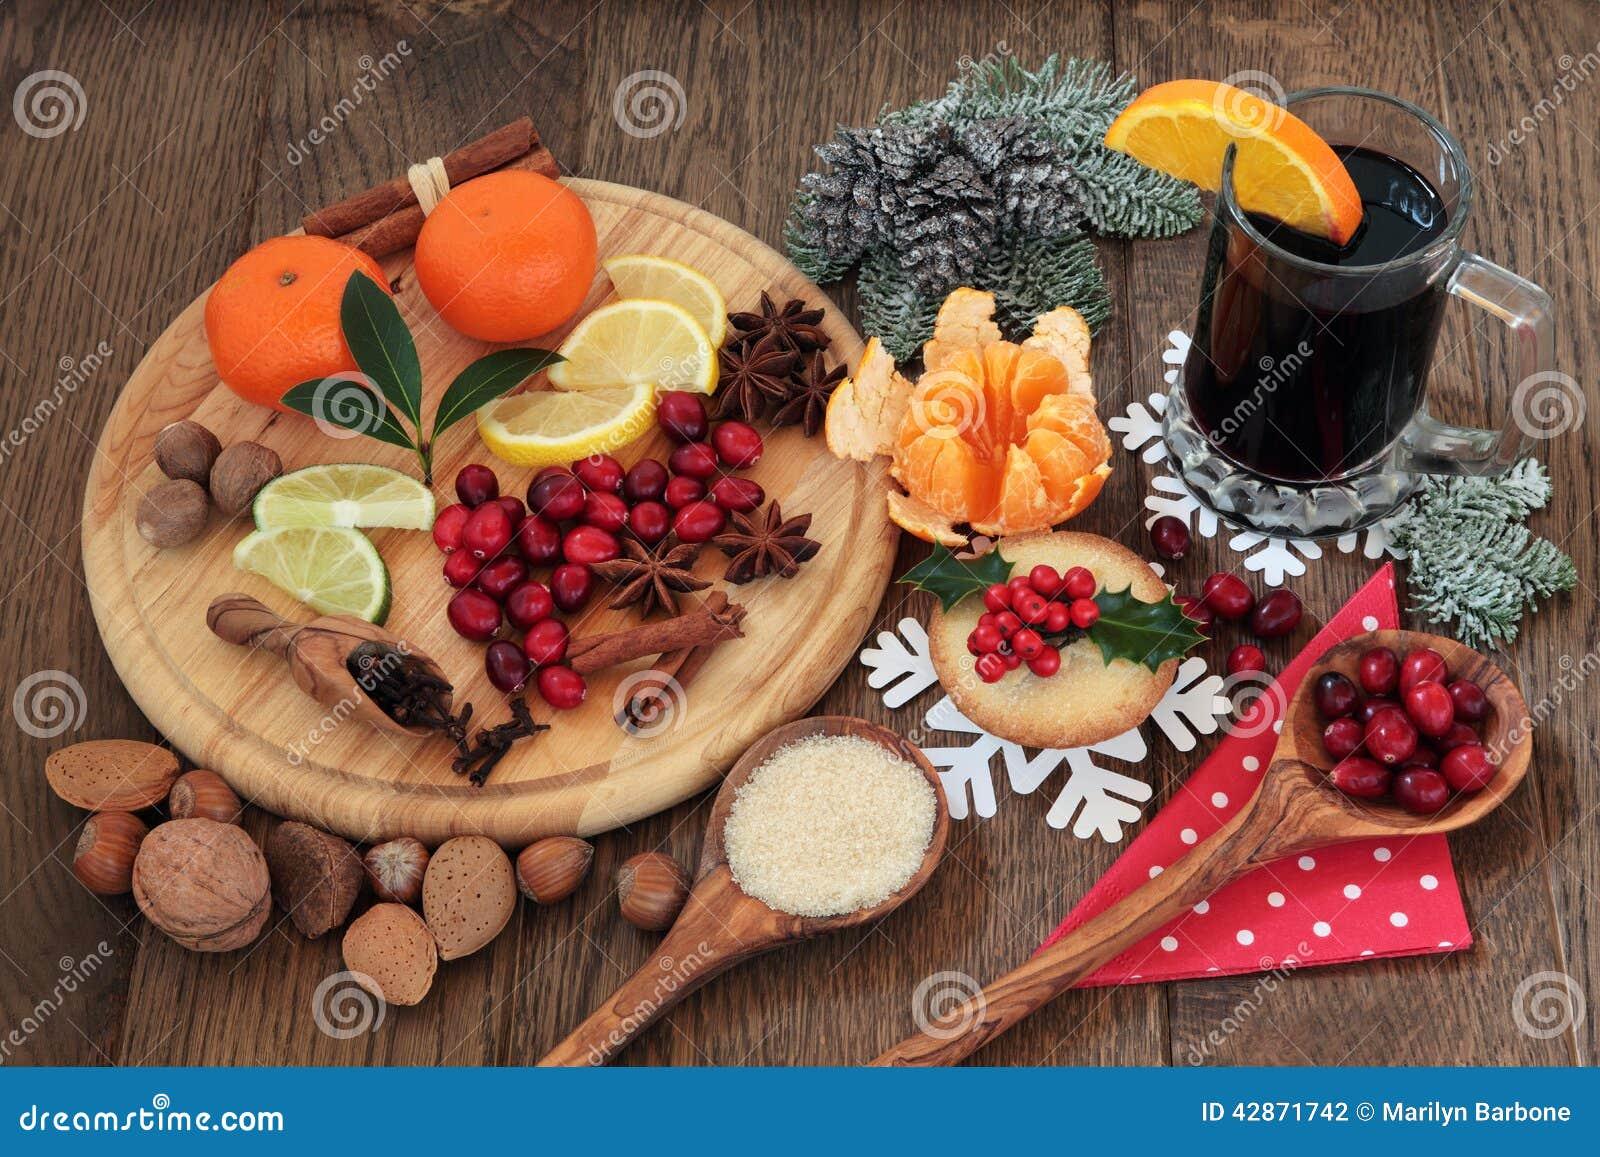 Christmas Food And Wine Stock Photo Image 42871742